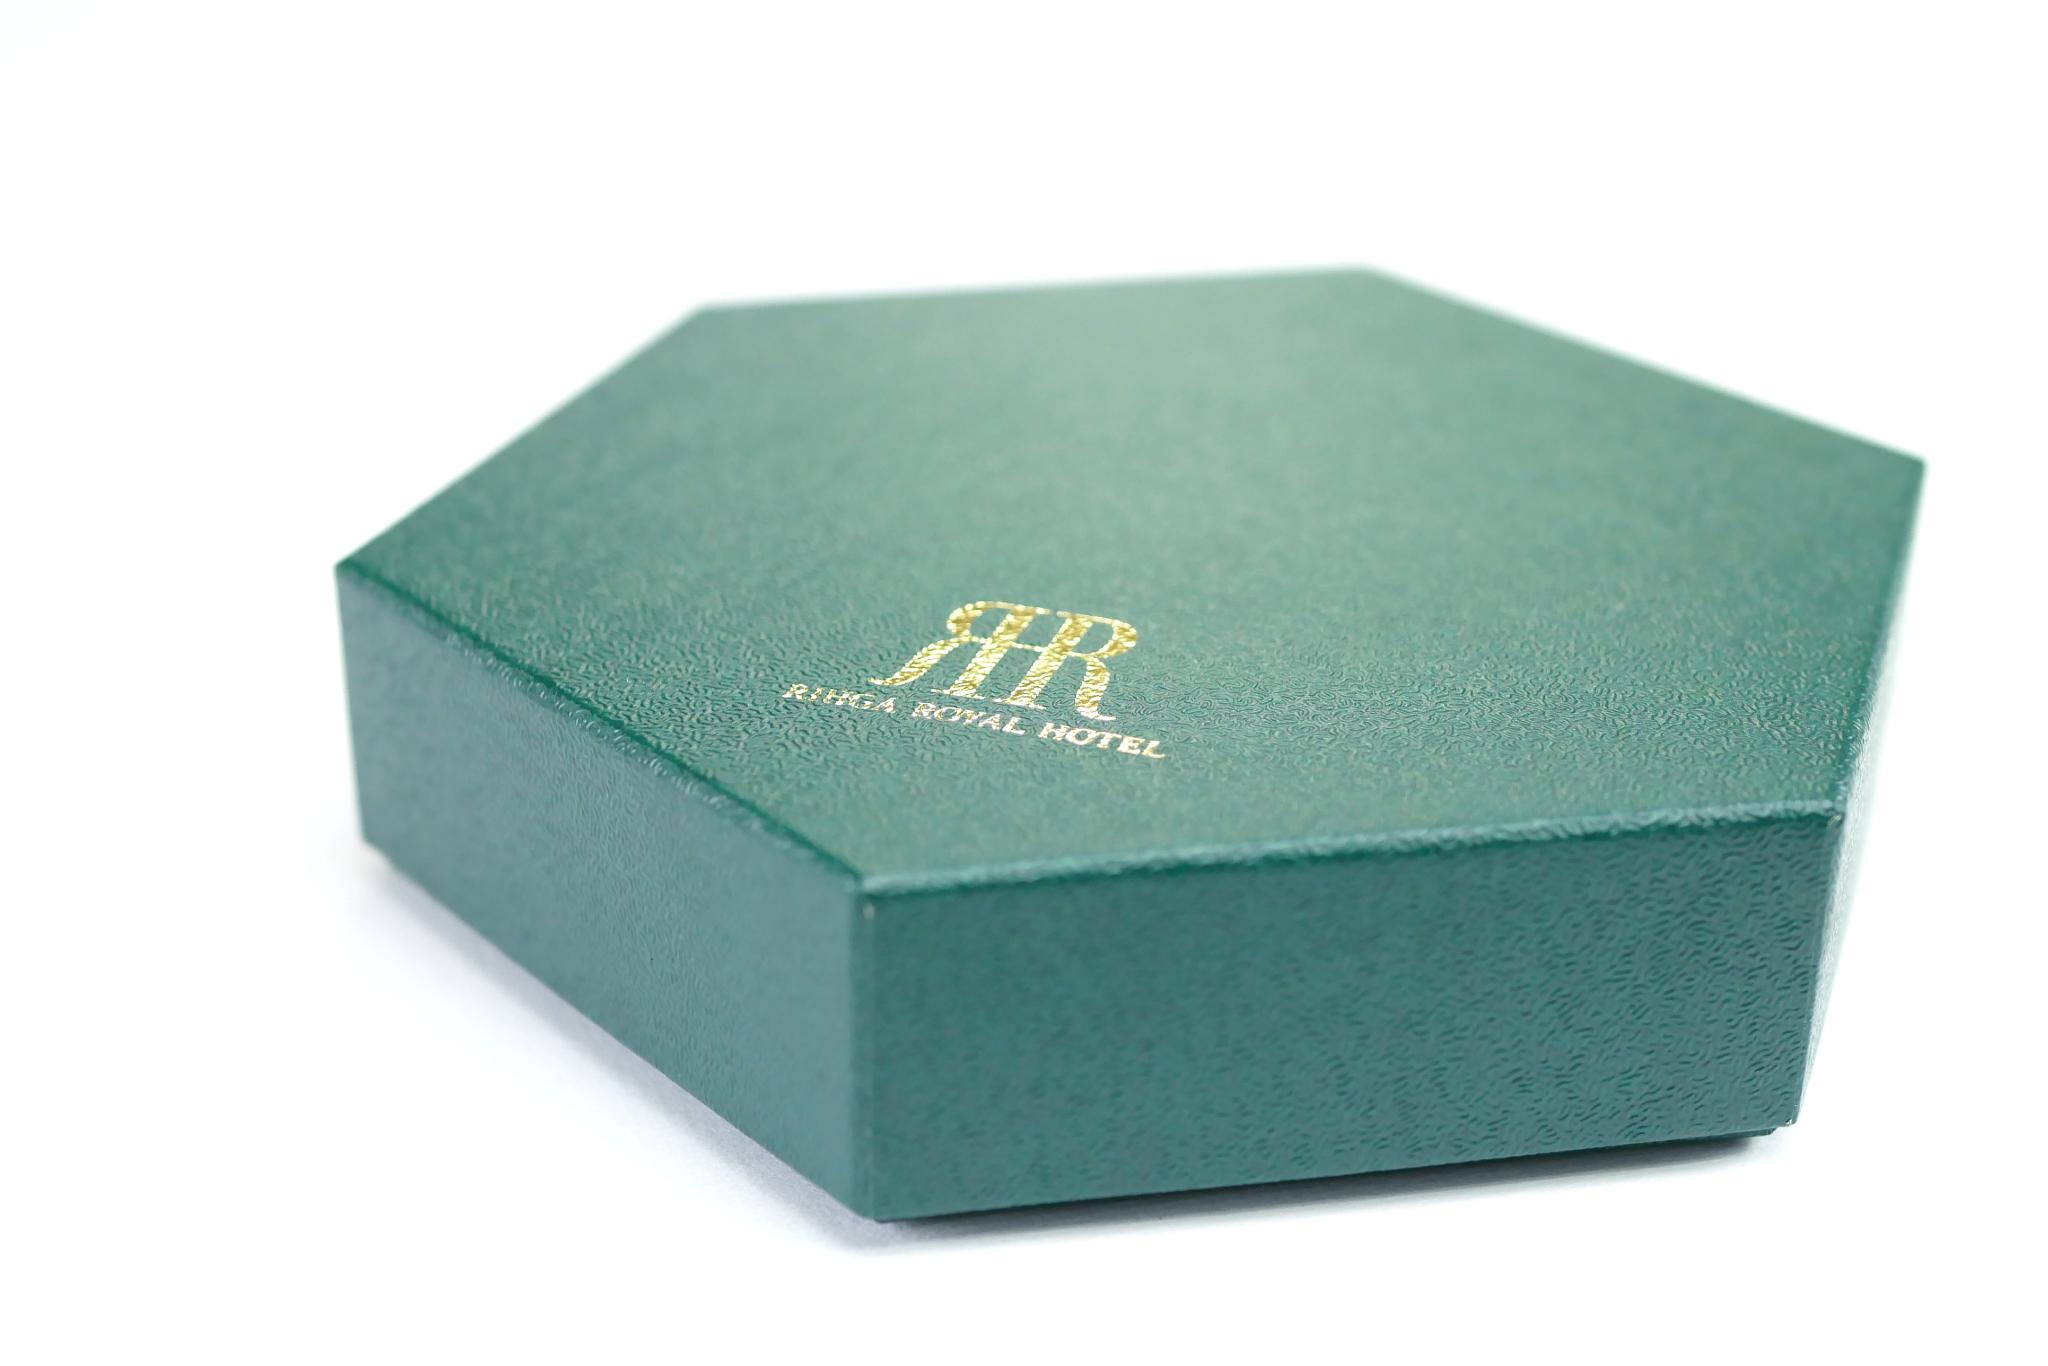 オリジナルパッケージ|バレンタイン|貼箱|多角形